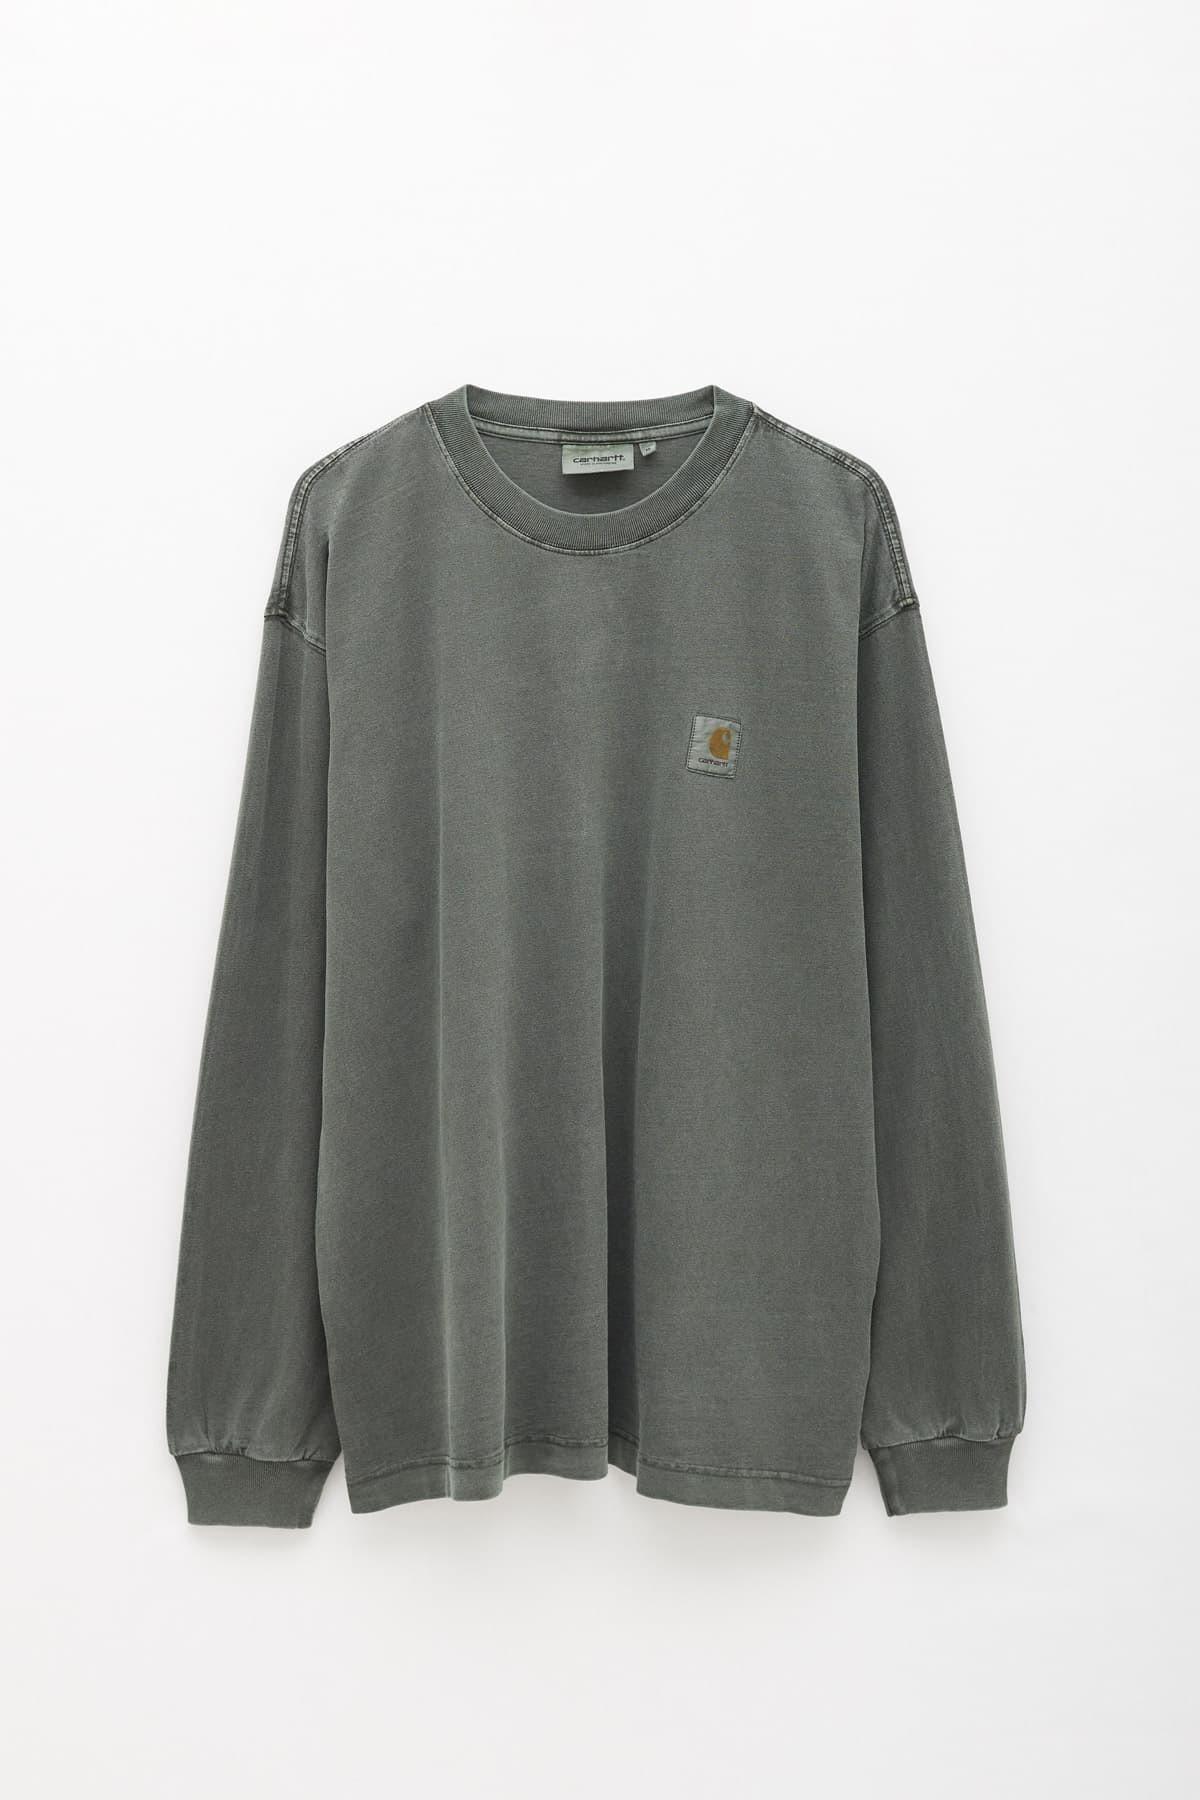 Shop Carhartt Wip Black Rinsed Penrod Pant